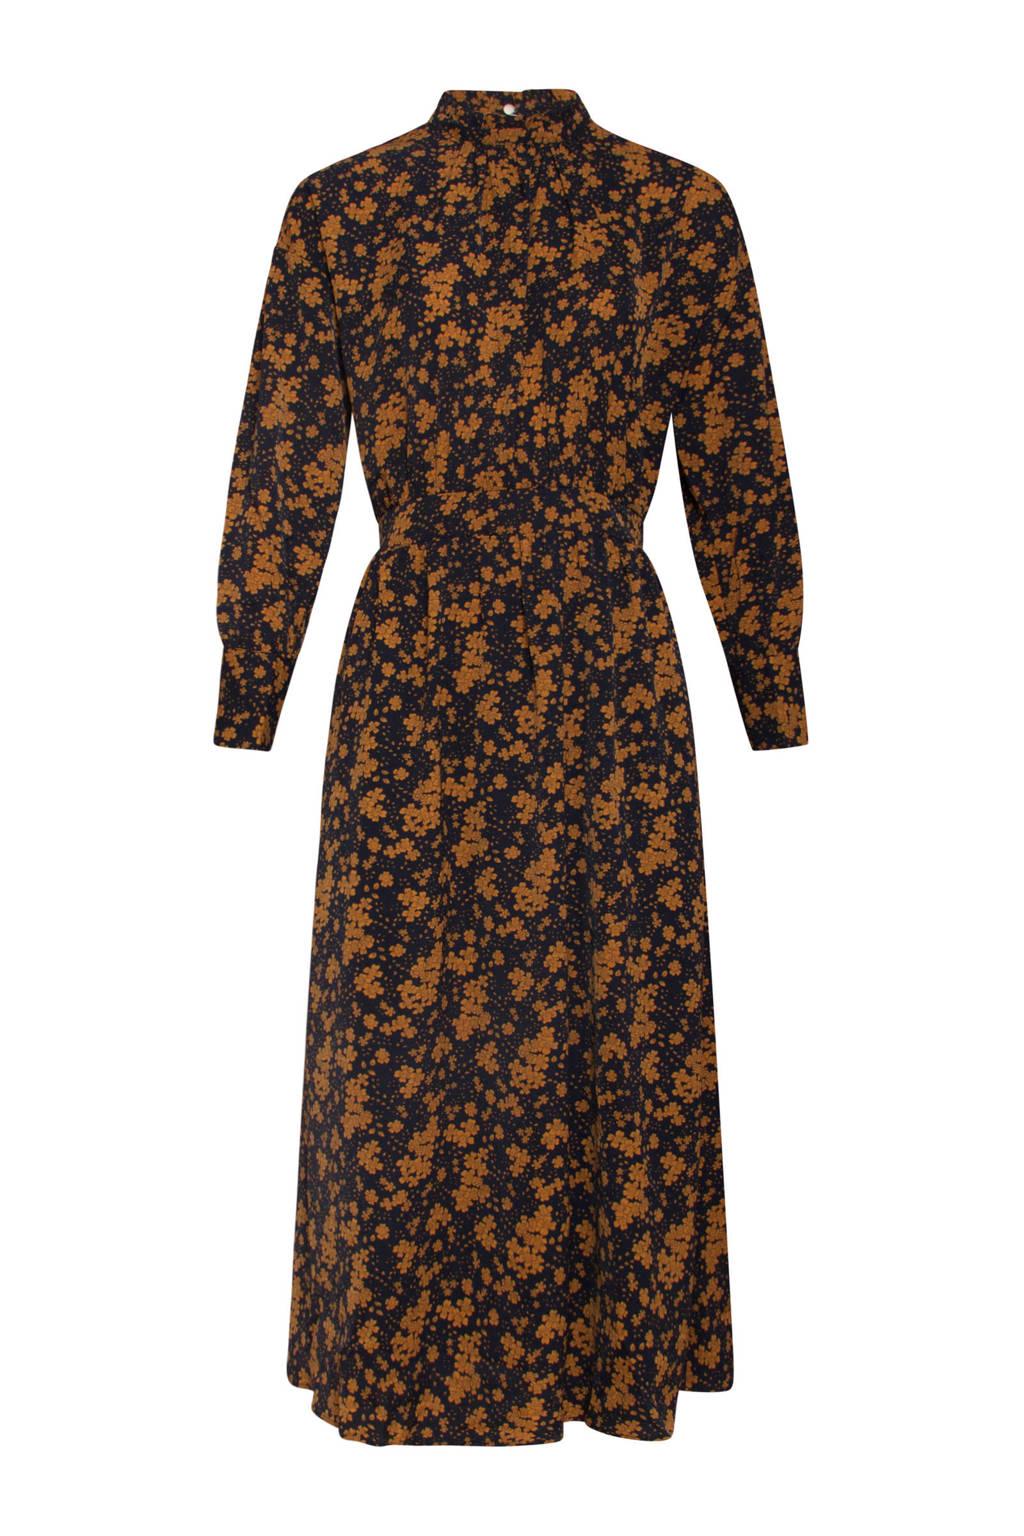 Smashed Lemon gebloemde maxi blousejurk zwart/oranje, Zwart/oranje